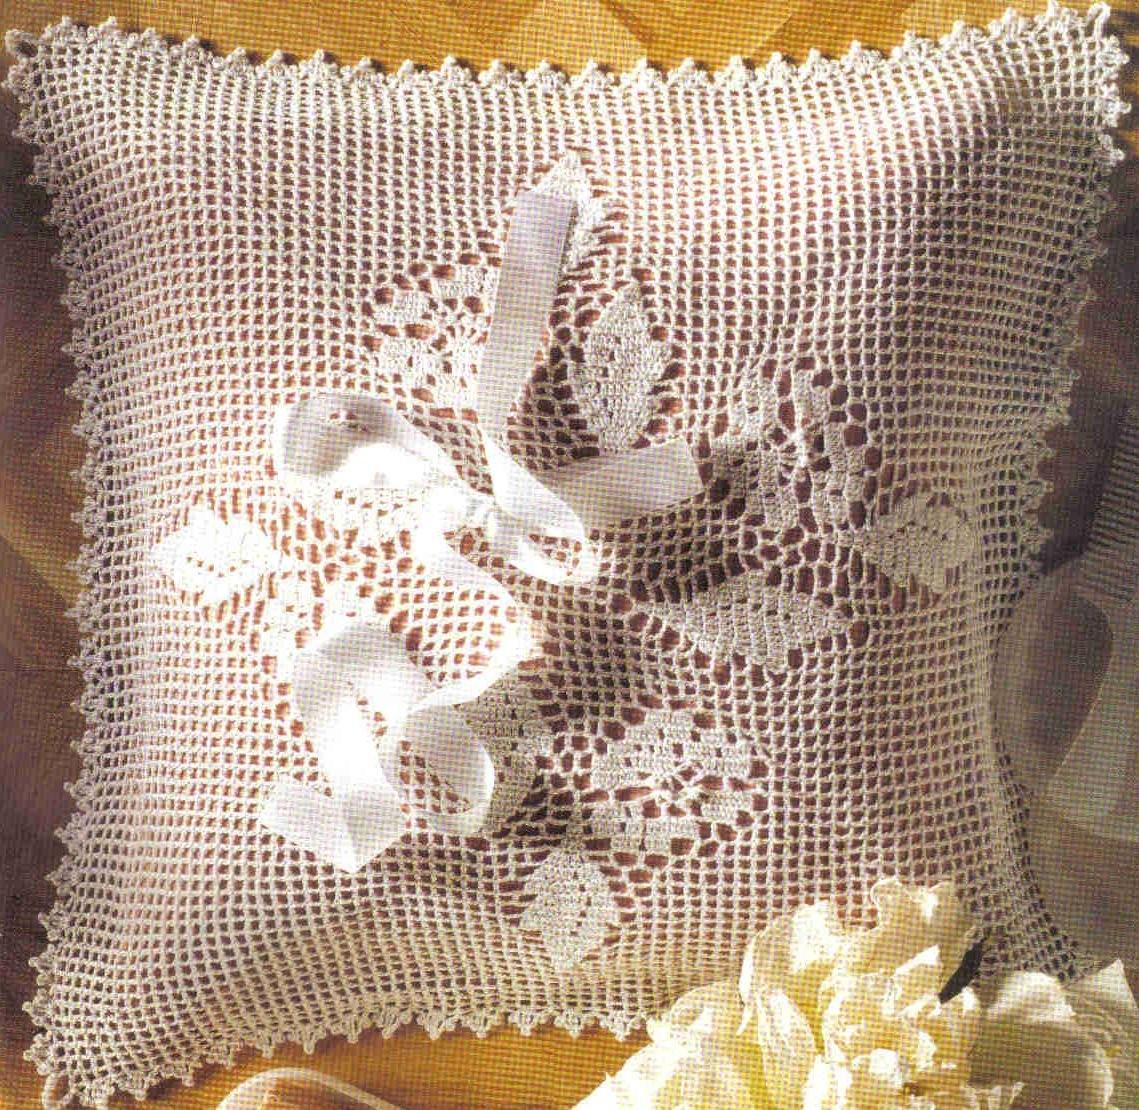 Ажурные подушки. Филейное вязание Уют и тепло моего Филейное вязание подушек крючок